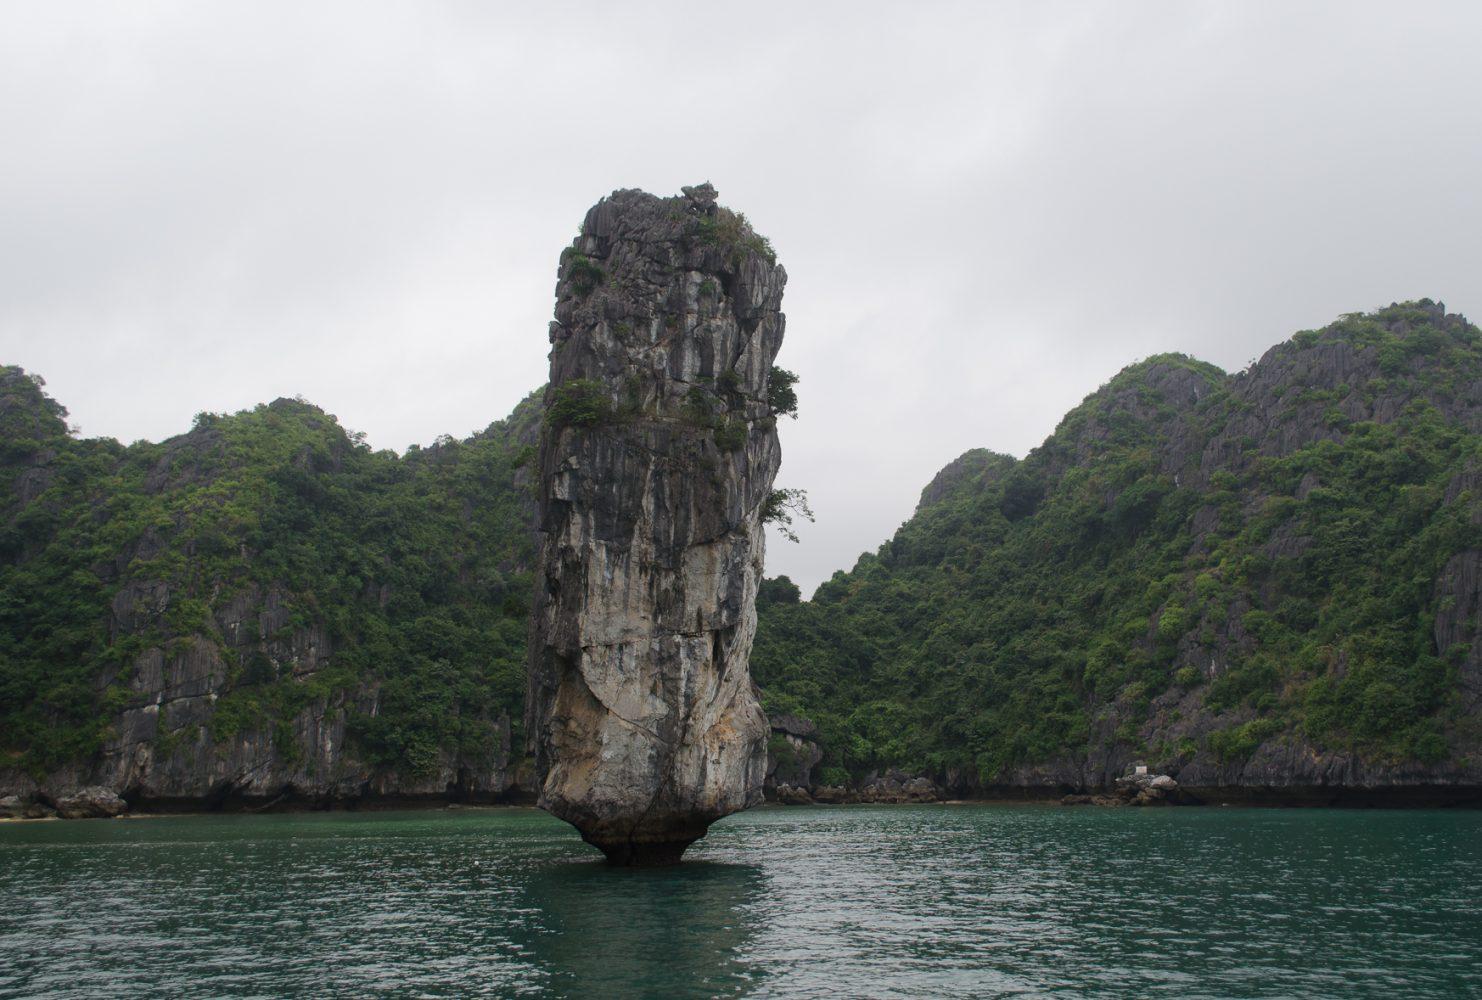 За годы вода сточила скалы